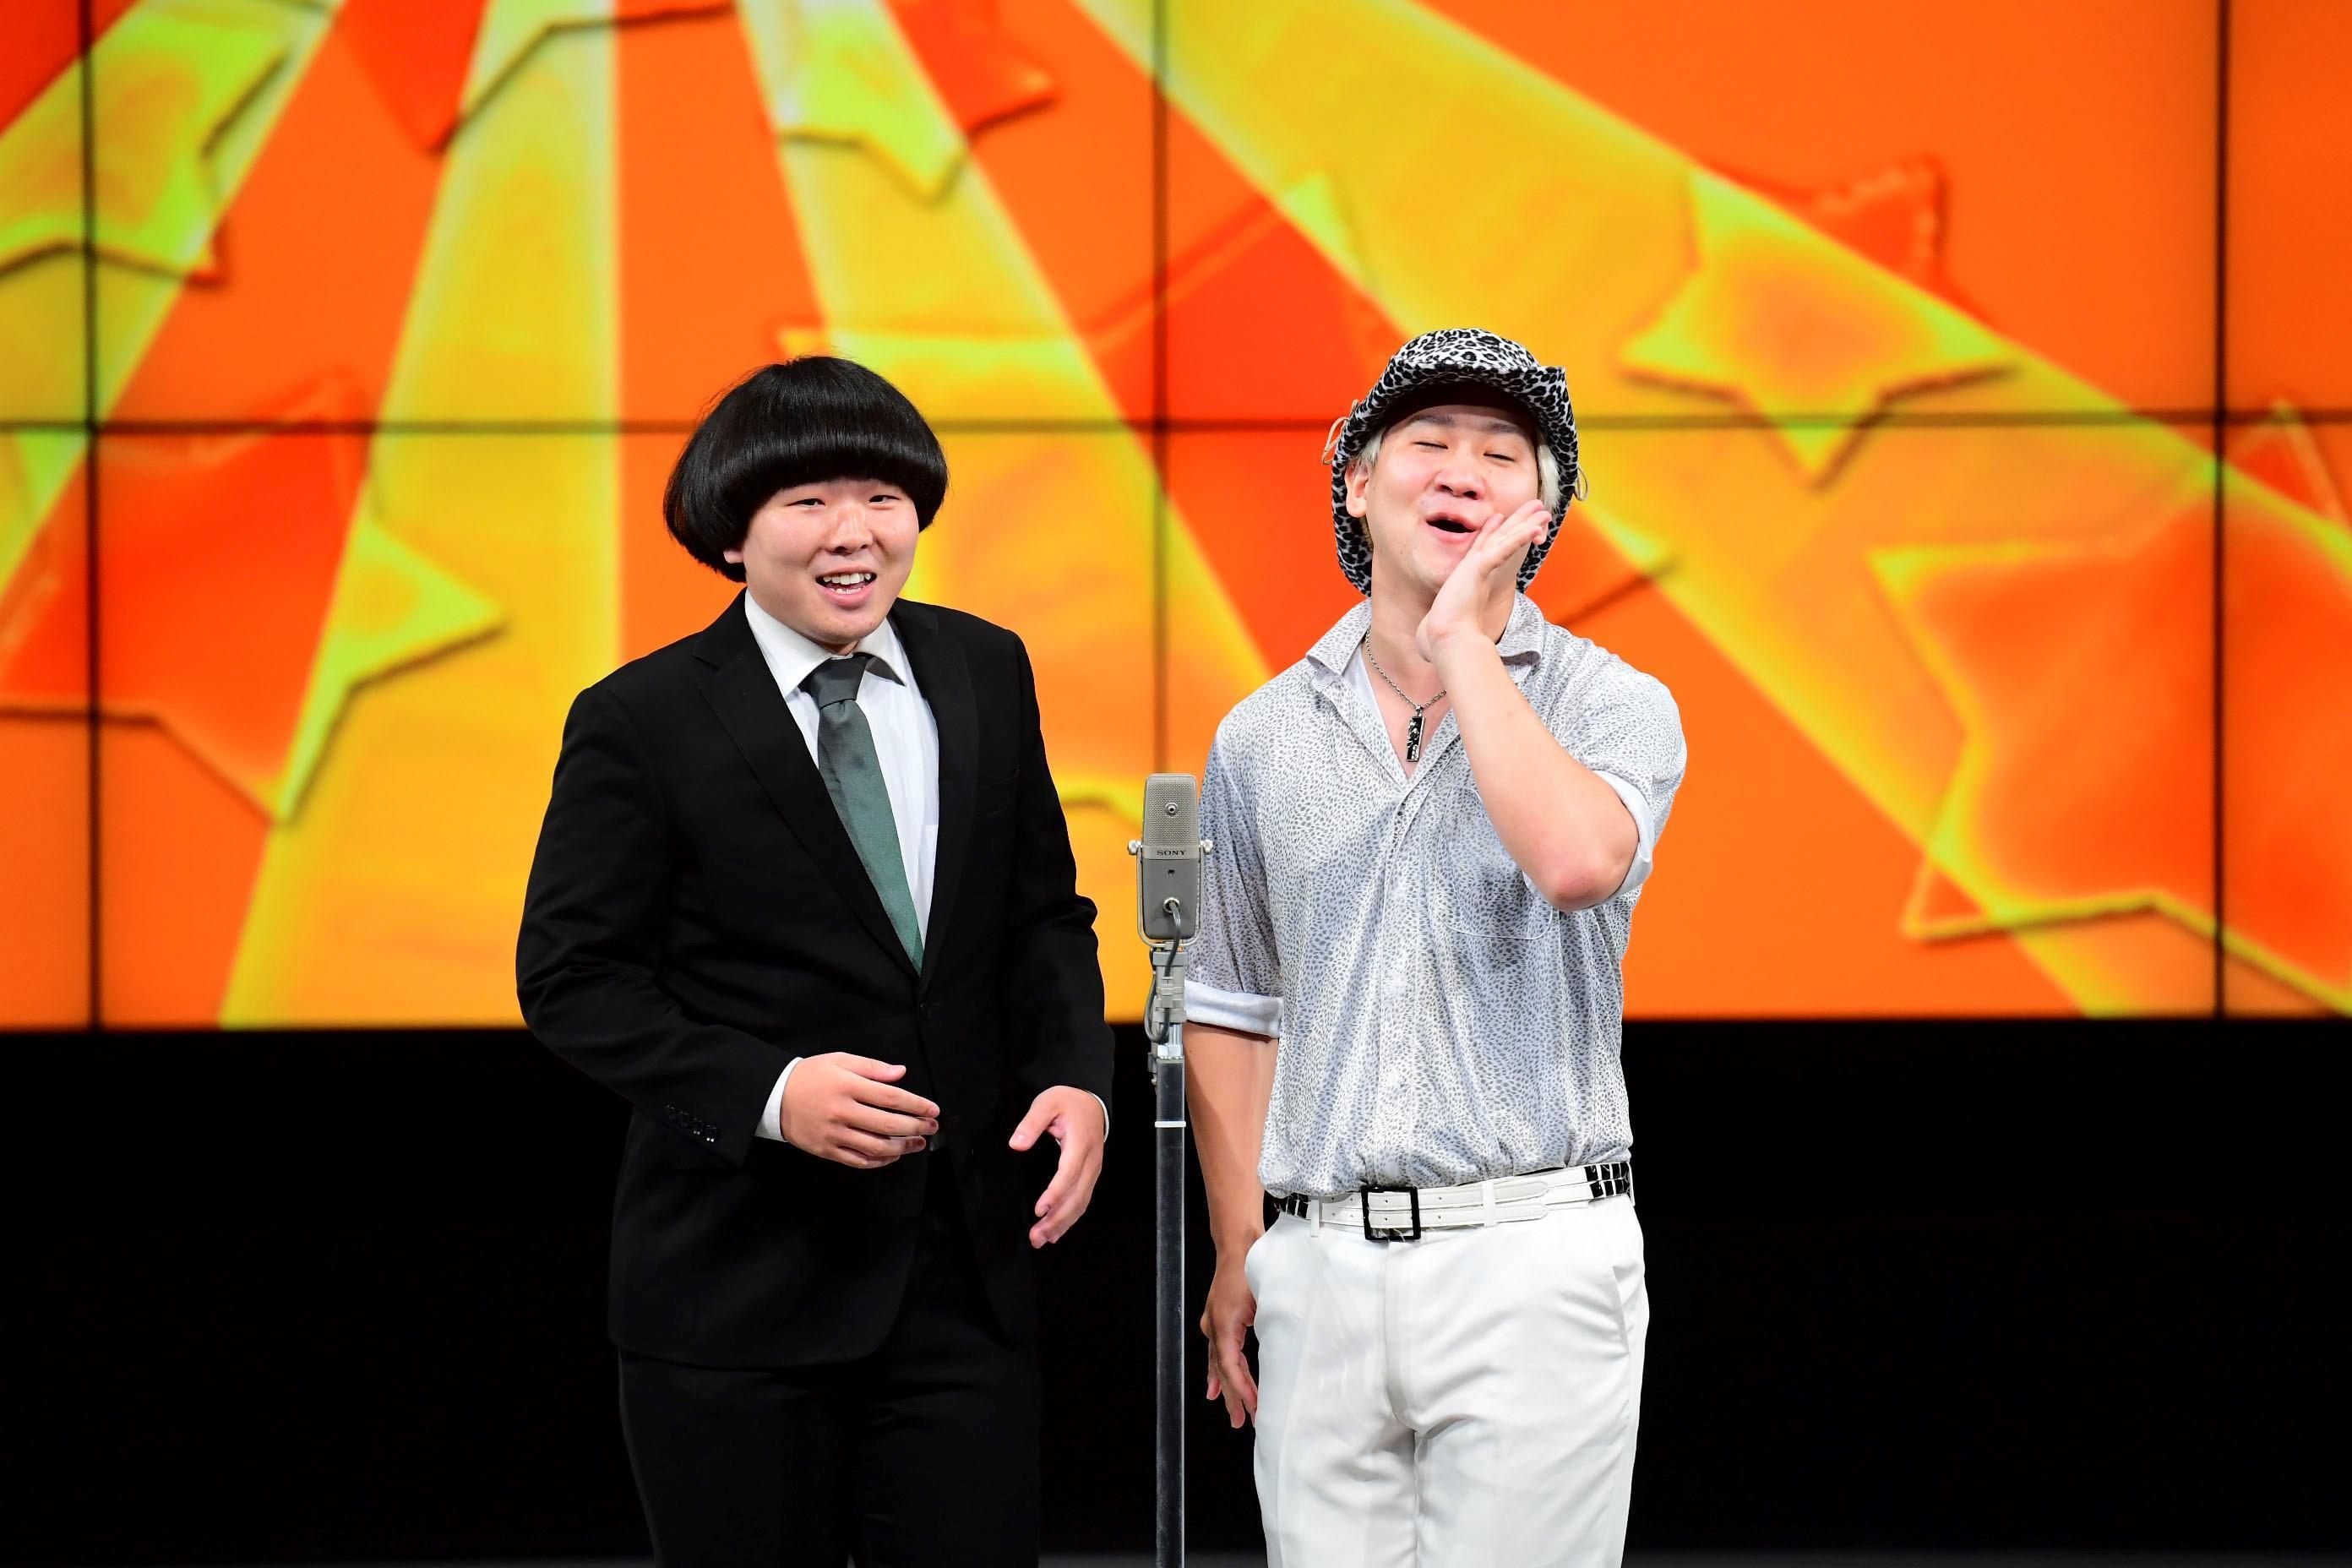 http://news.yoshimoto.co.jp/20170929191744-5c09c0f5dfa0d1c0938c52e67ed3e8dd0a9026d0.jpg